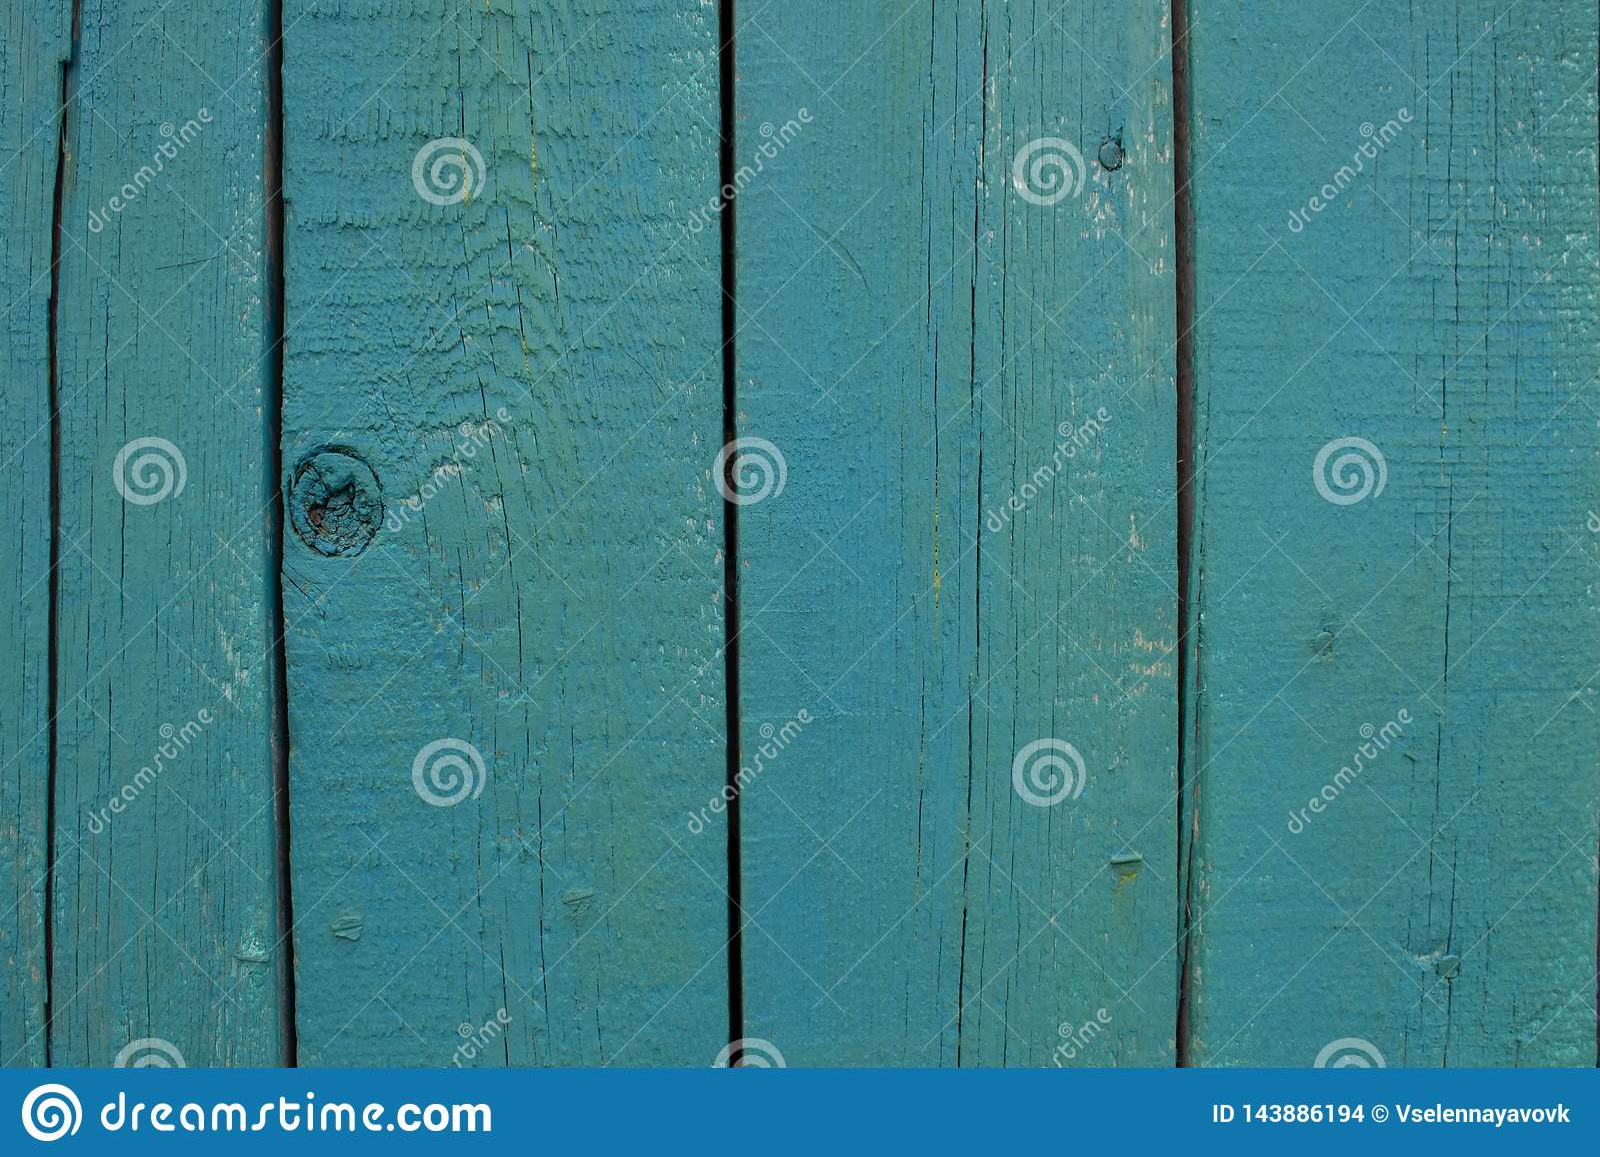 Αφηρημένη τυρκουάζ φωτεινή ξύλινη σύσταση πέρα από το μπλε ελαφρύ φυσικό υπόβαθρο χρώματος, παλαιό σκηνικό επιτροπής με το διάστη